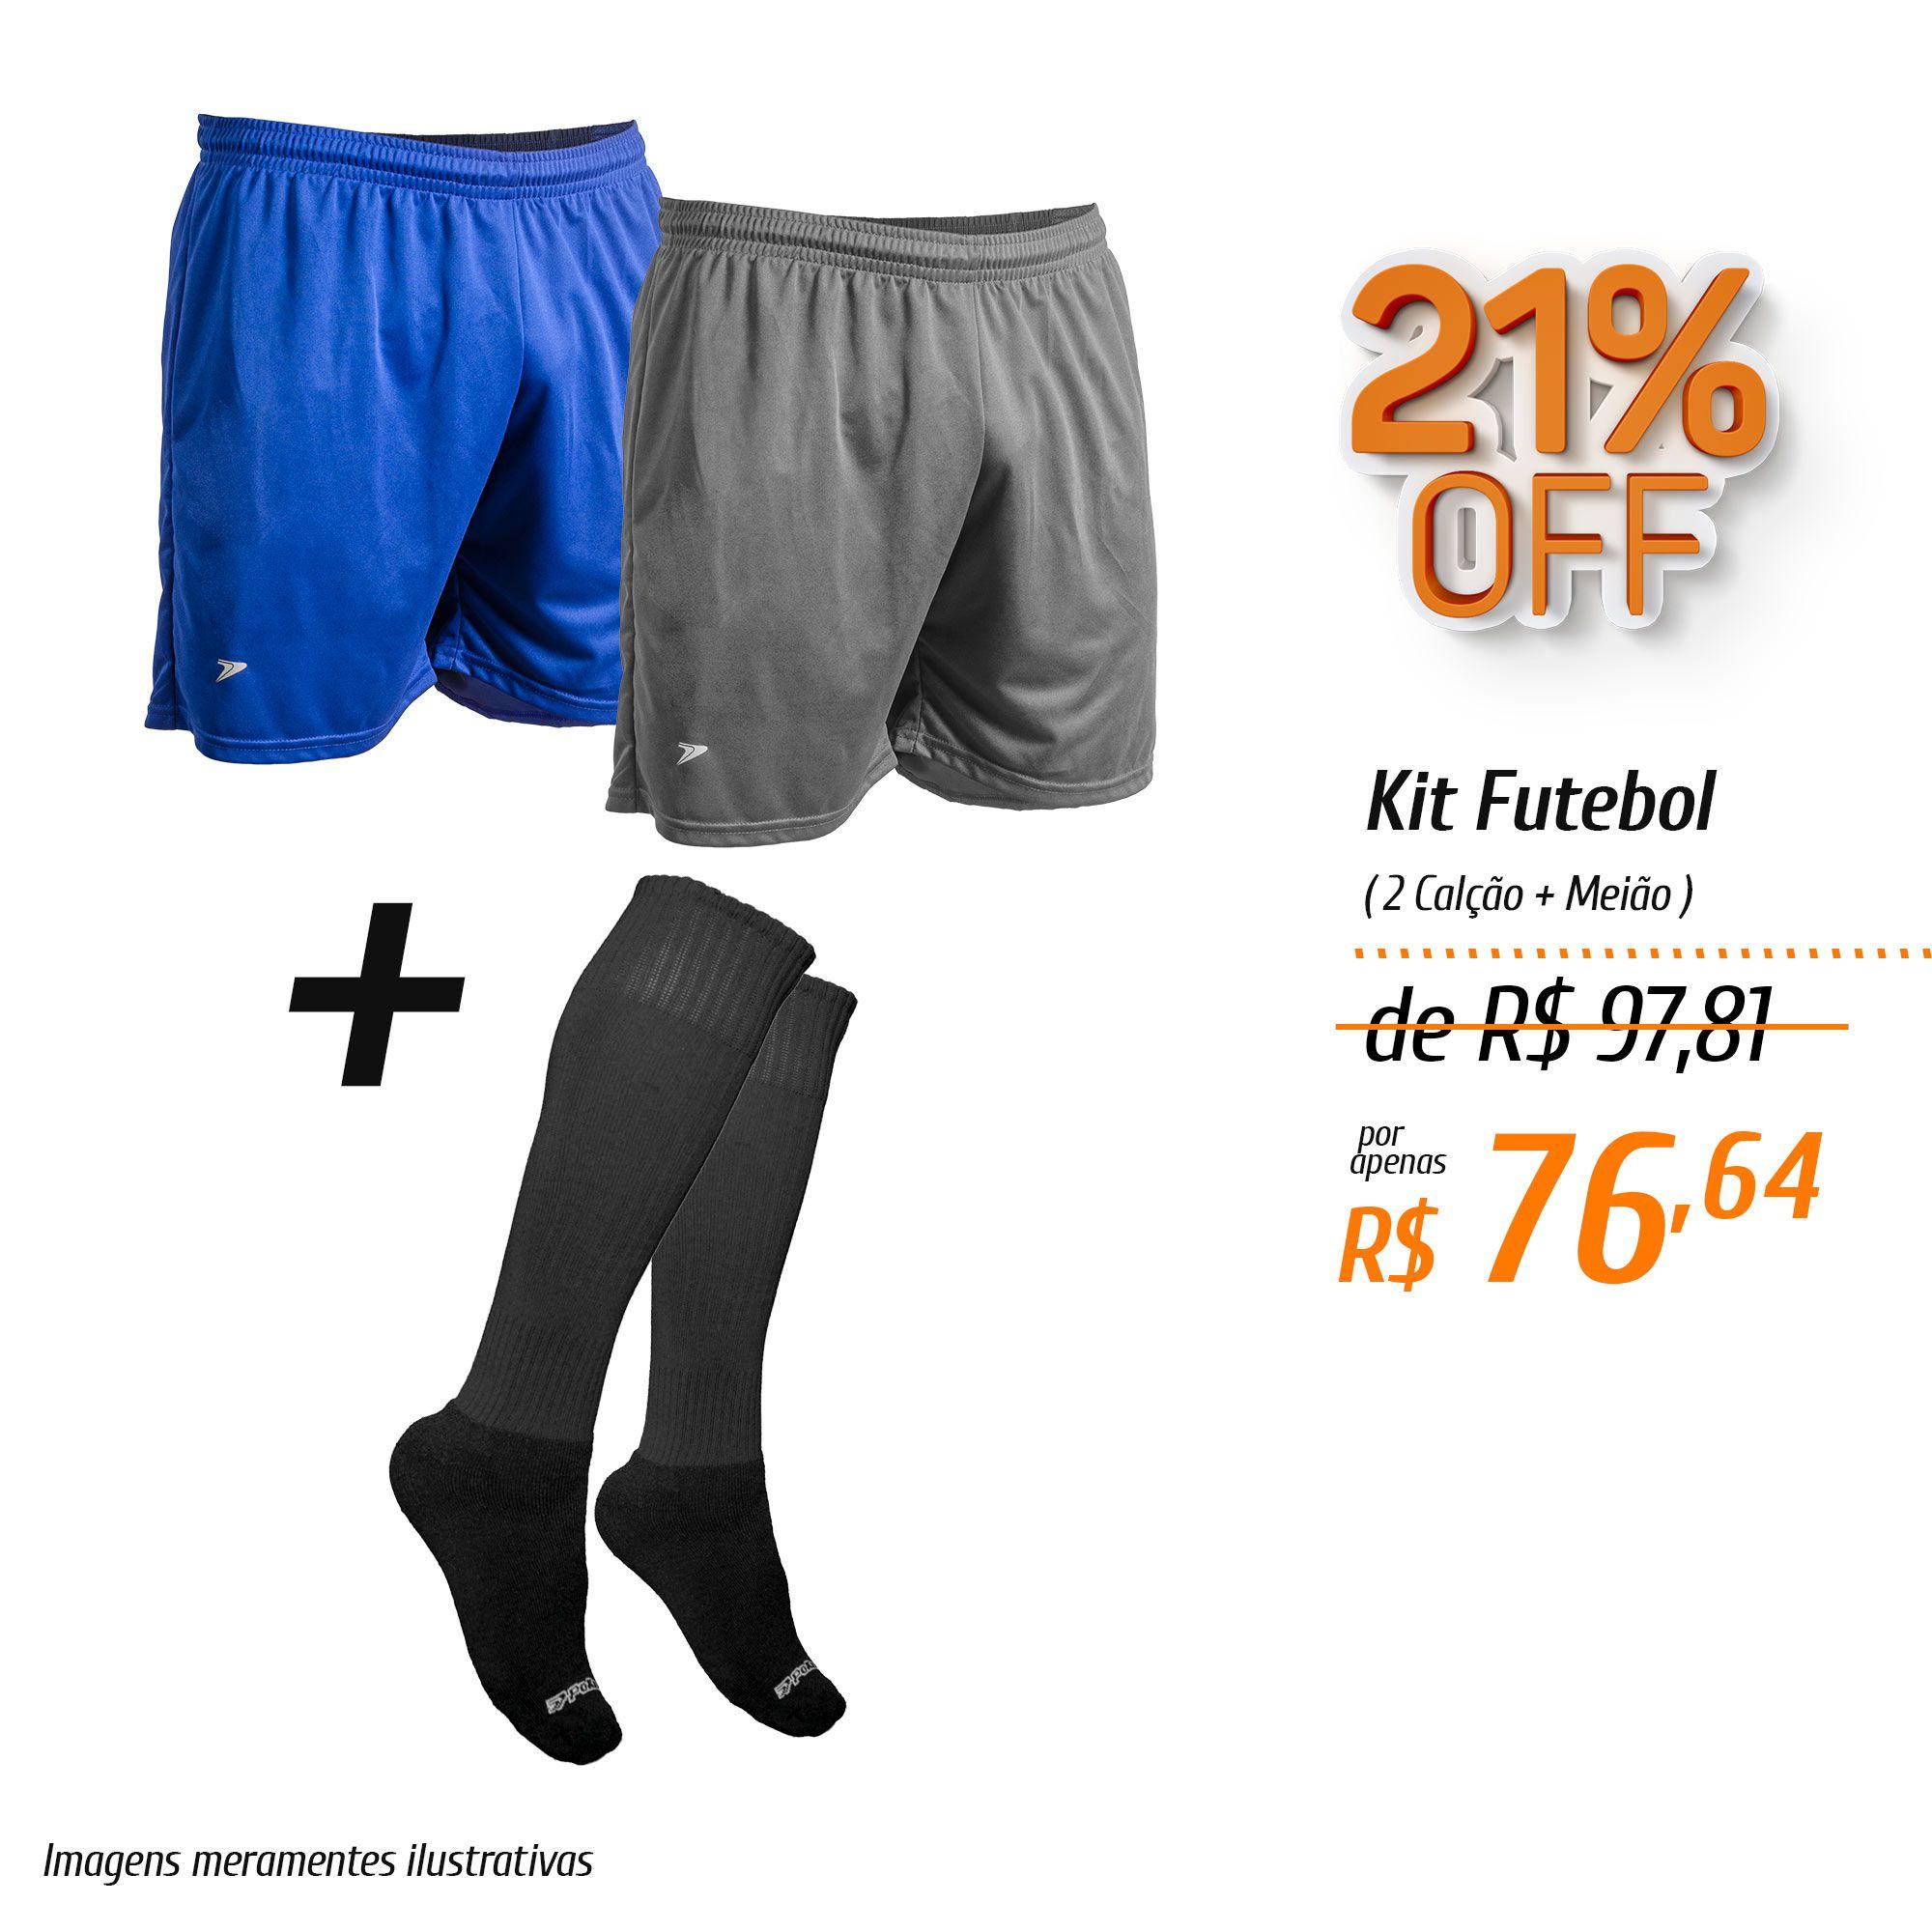 Kit Futebol Calções + Meião